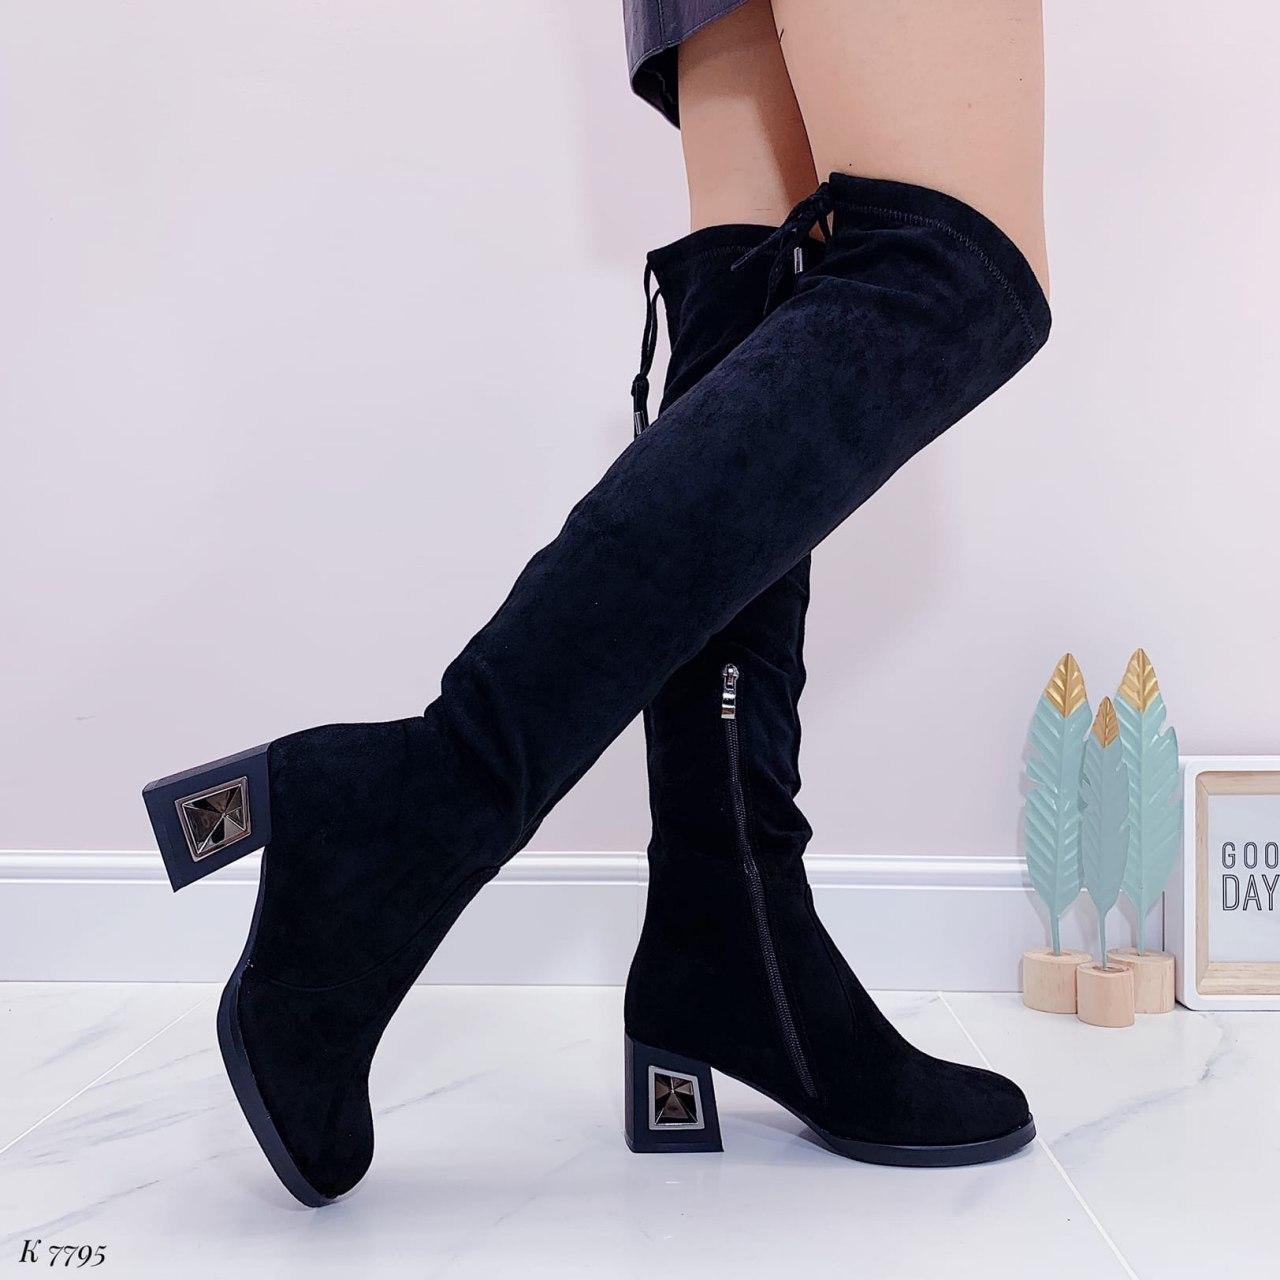 Ботфорты женские черного цвета из эко замши еврозима. Ботфорти високі зимові